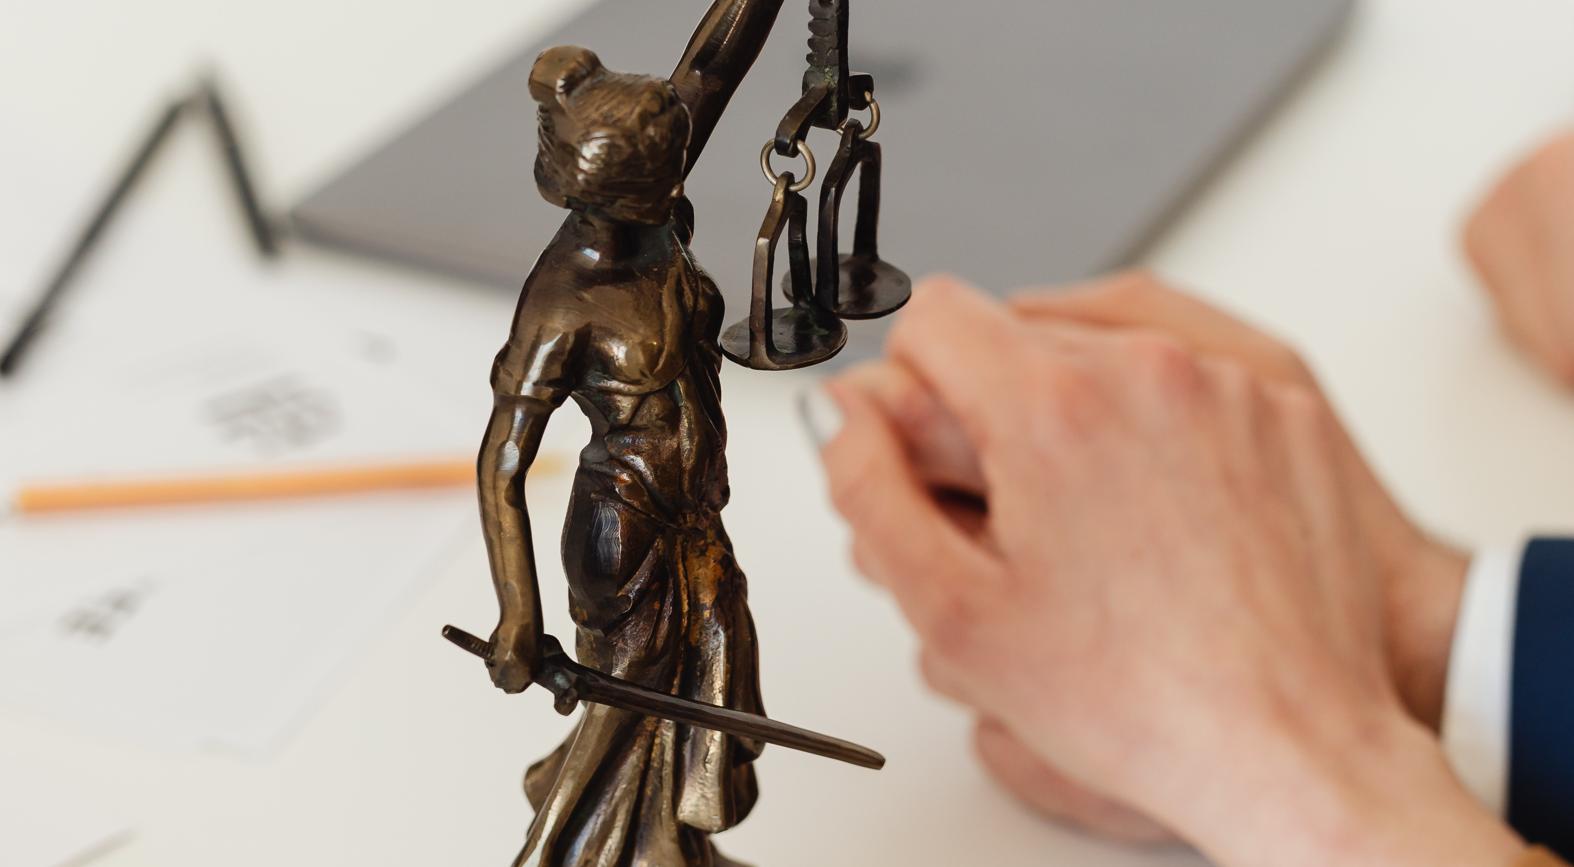 statue de justice devant mains liées